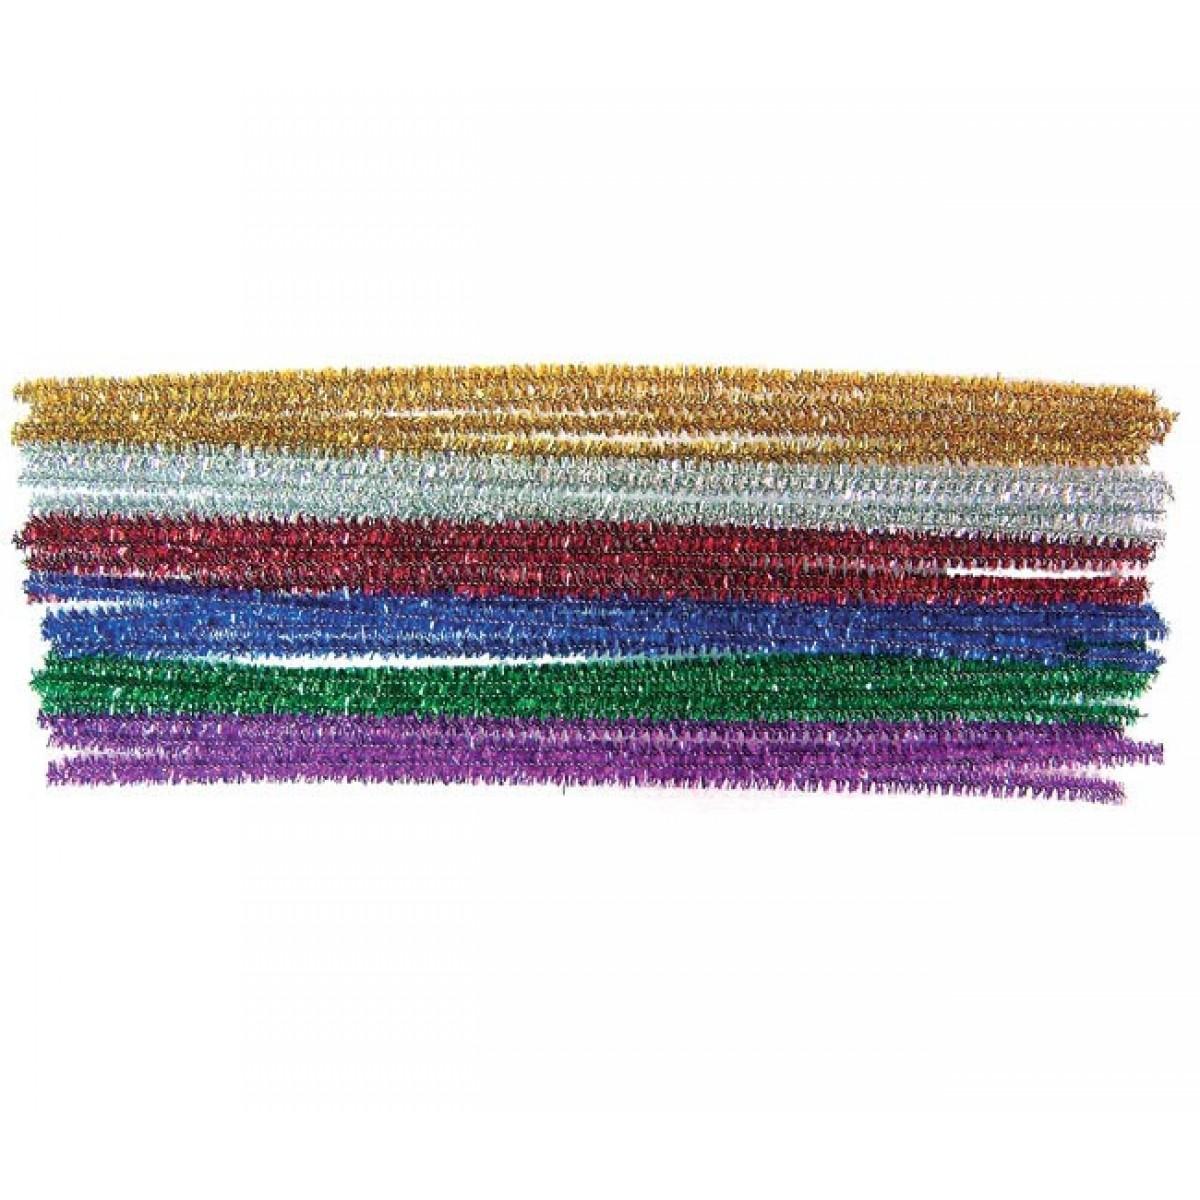 Σύρματα Πίπας Μεταλλιζέ (Μίξη Χρωμάτων) Υλικά Χειροτεχνίας